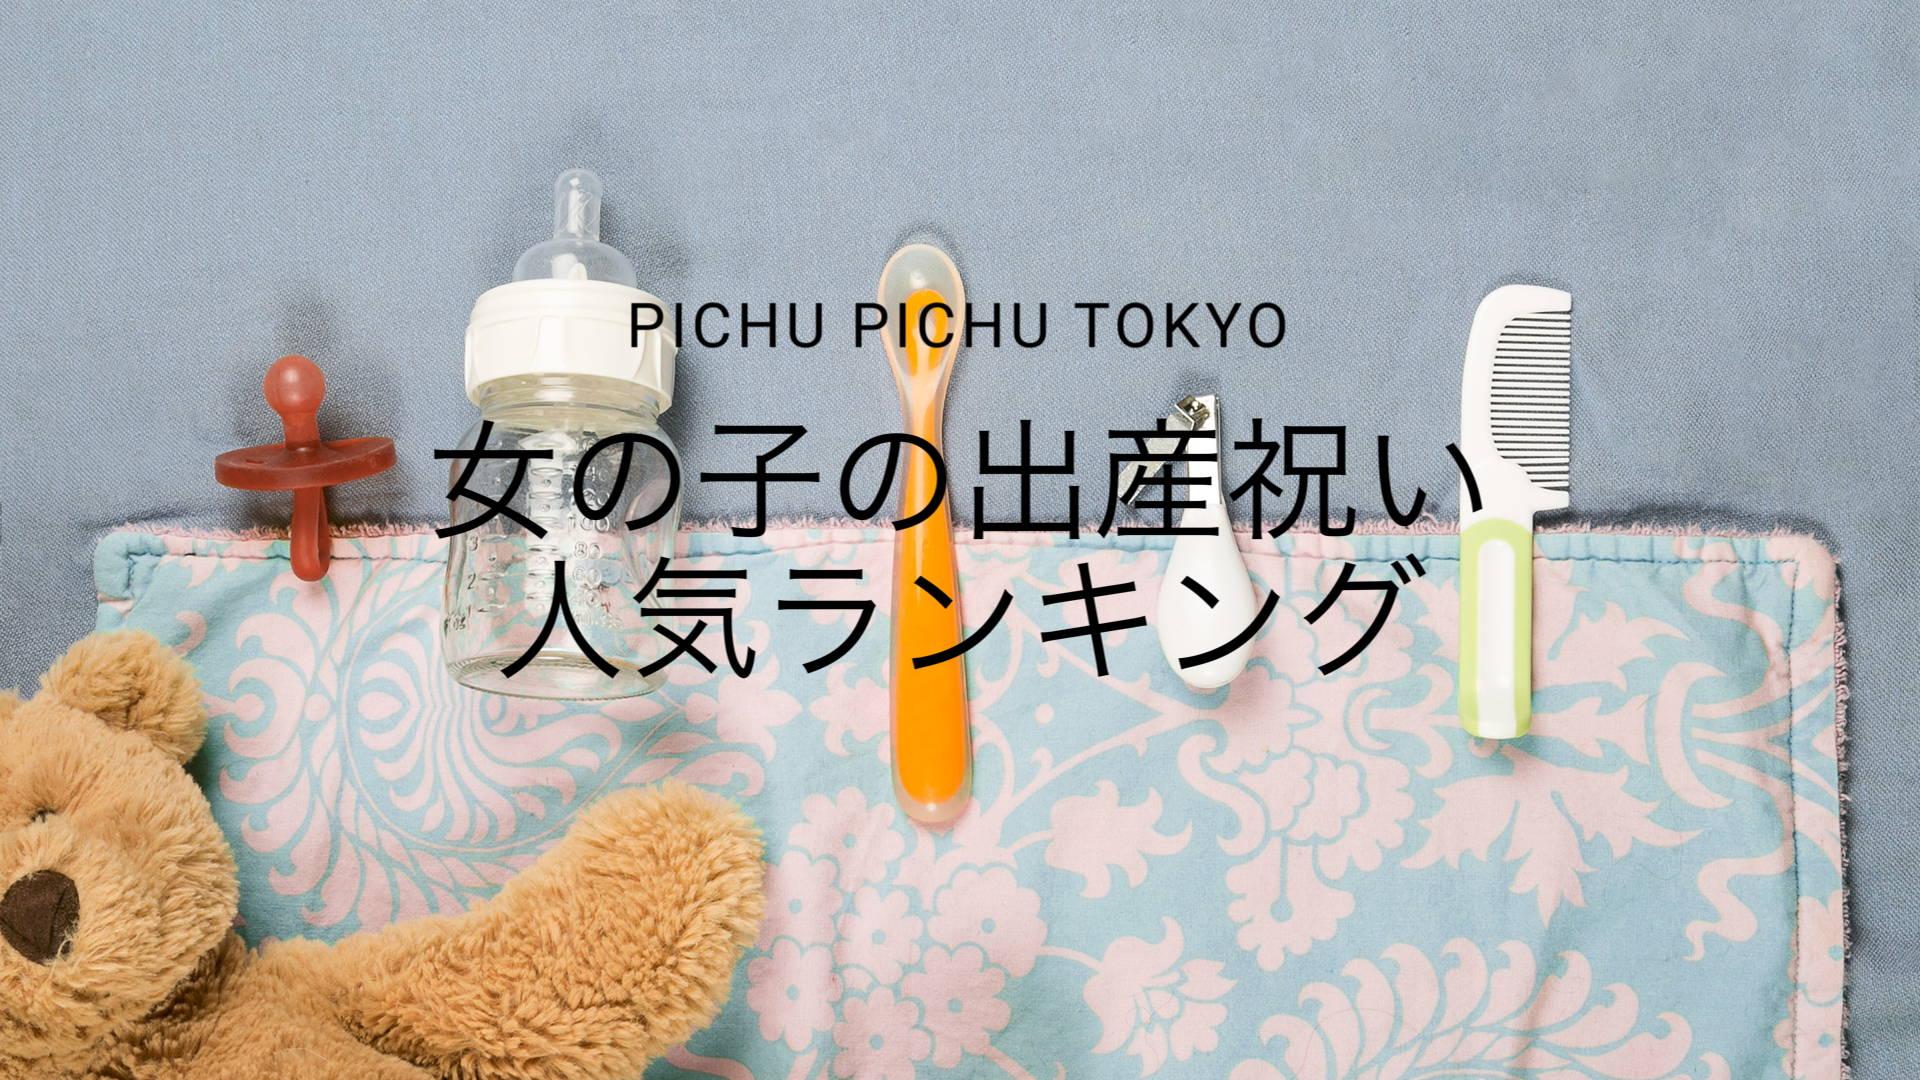 피츄 피츄 도쿄 소녀의 탄생 축하 인기 순위